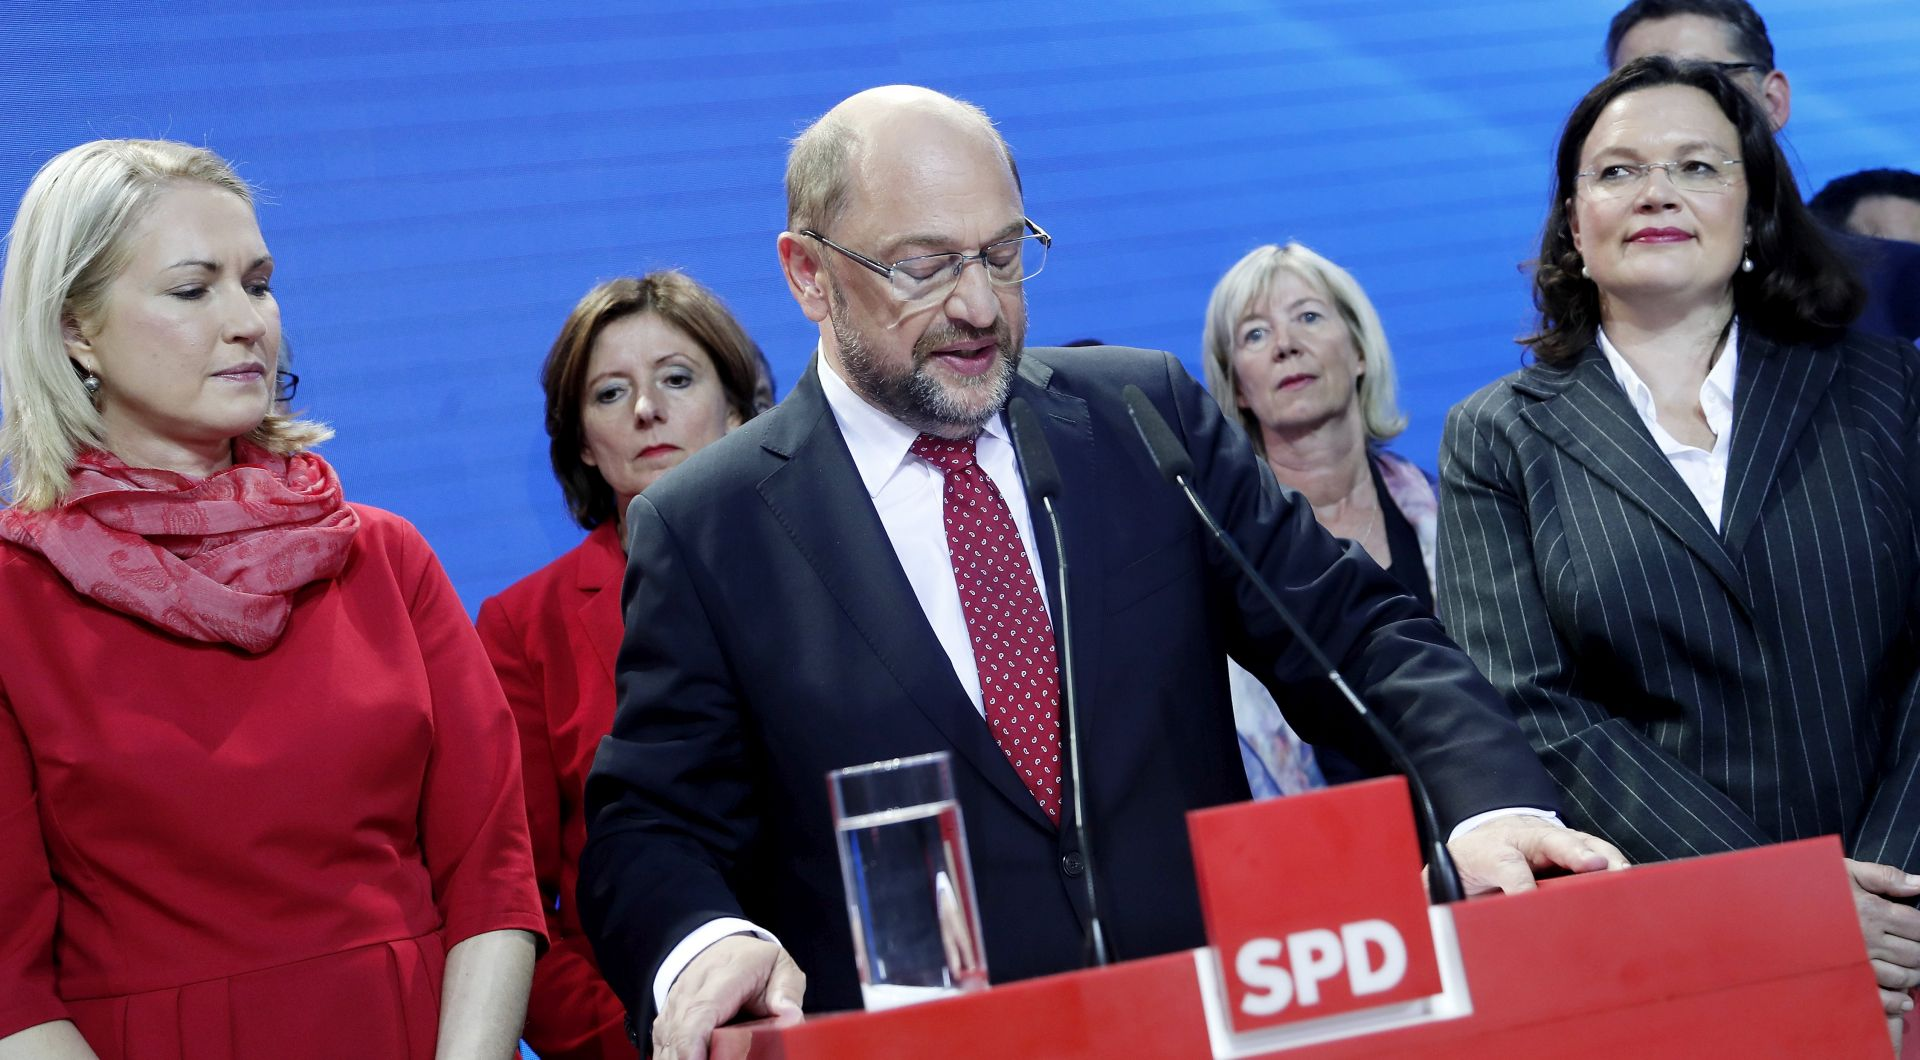 NJEMAČKA: SPD odlazi u oporbu, Merkel pred mukotrpnim sastavljanjem koalicije